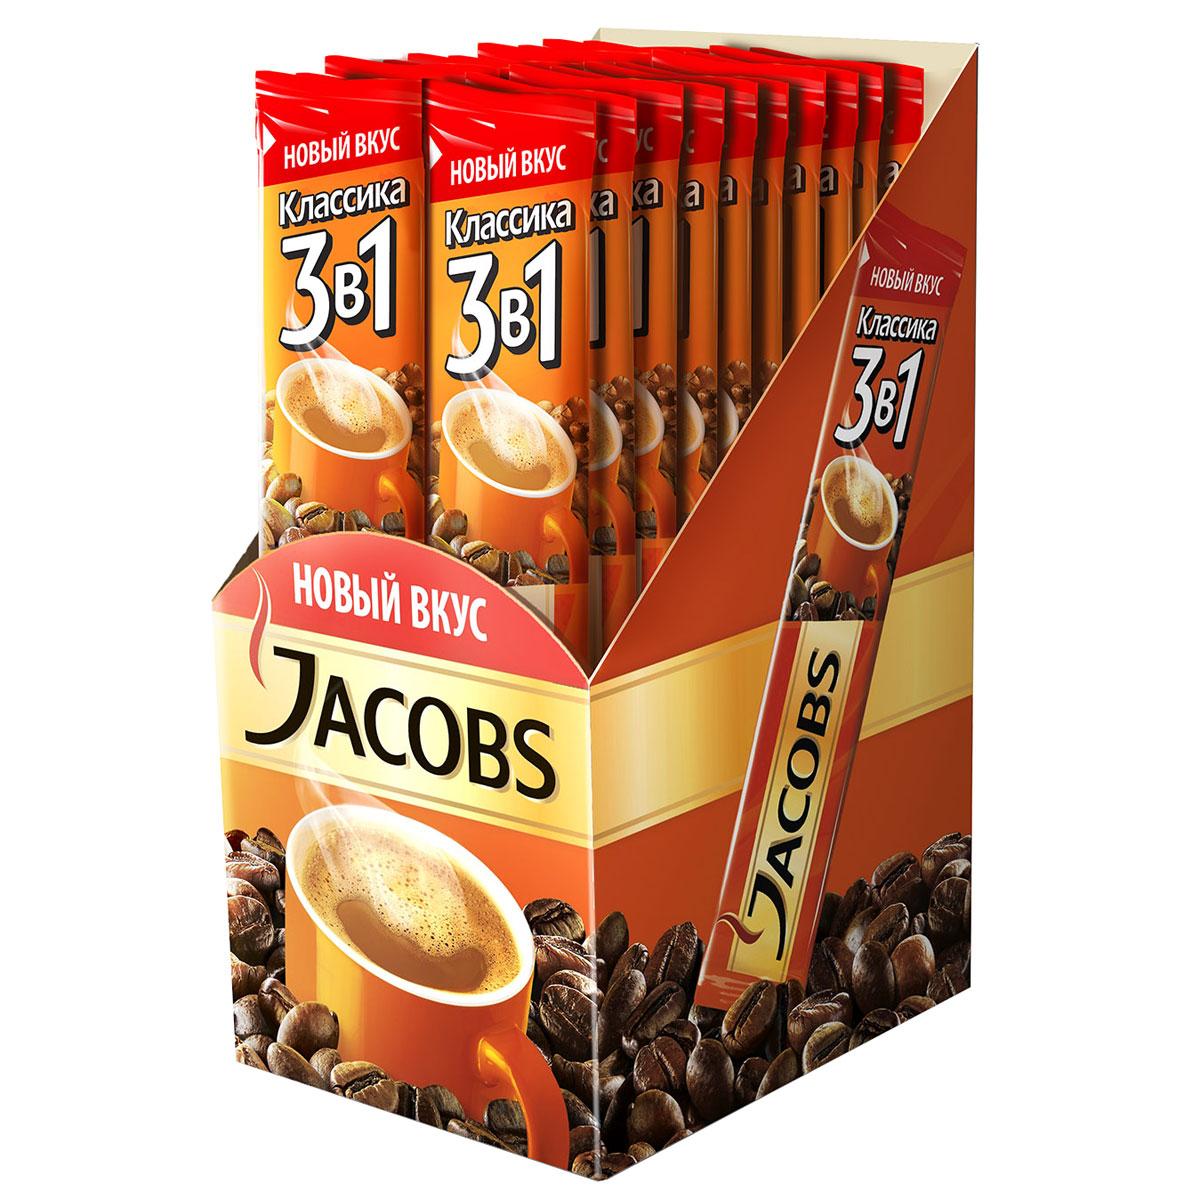 Jacobs Классика 3 в 1 напиток кофейный растворимый в пакетиках, 20 шт672054Кофе Jacobs 3 в 1 Классика - это оригинальный притягательный микс, создающий сбалансированный вкус кофе. Этот кофейный микс для любителей насыщенного вкуса находится в красочной упаковке. Заваривается кофе Якобс в несколько движений для тех, кто ценит своё время.